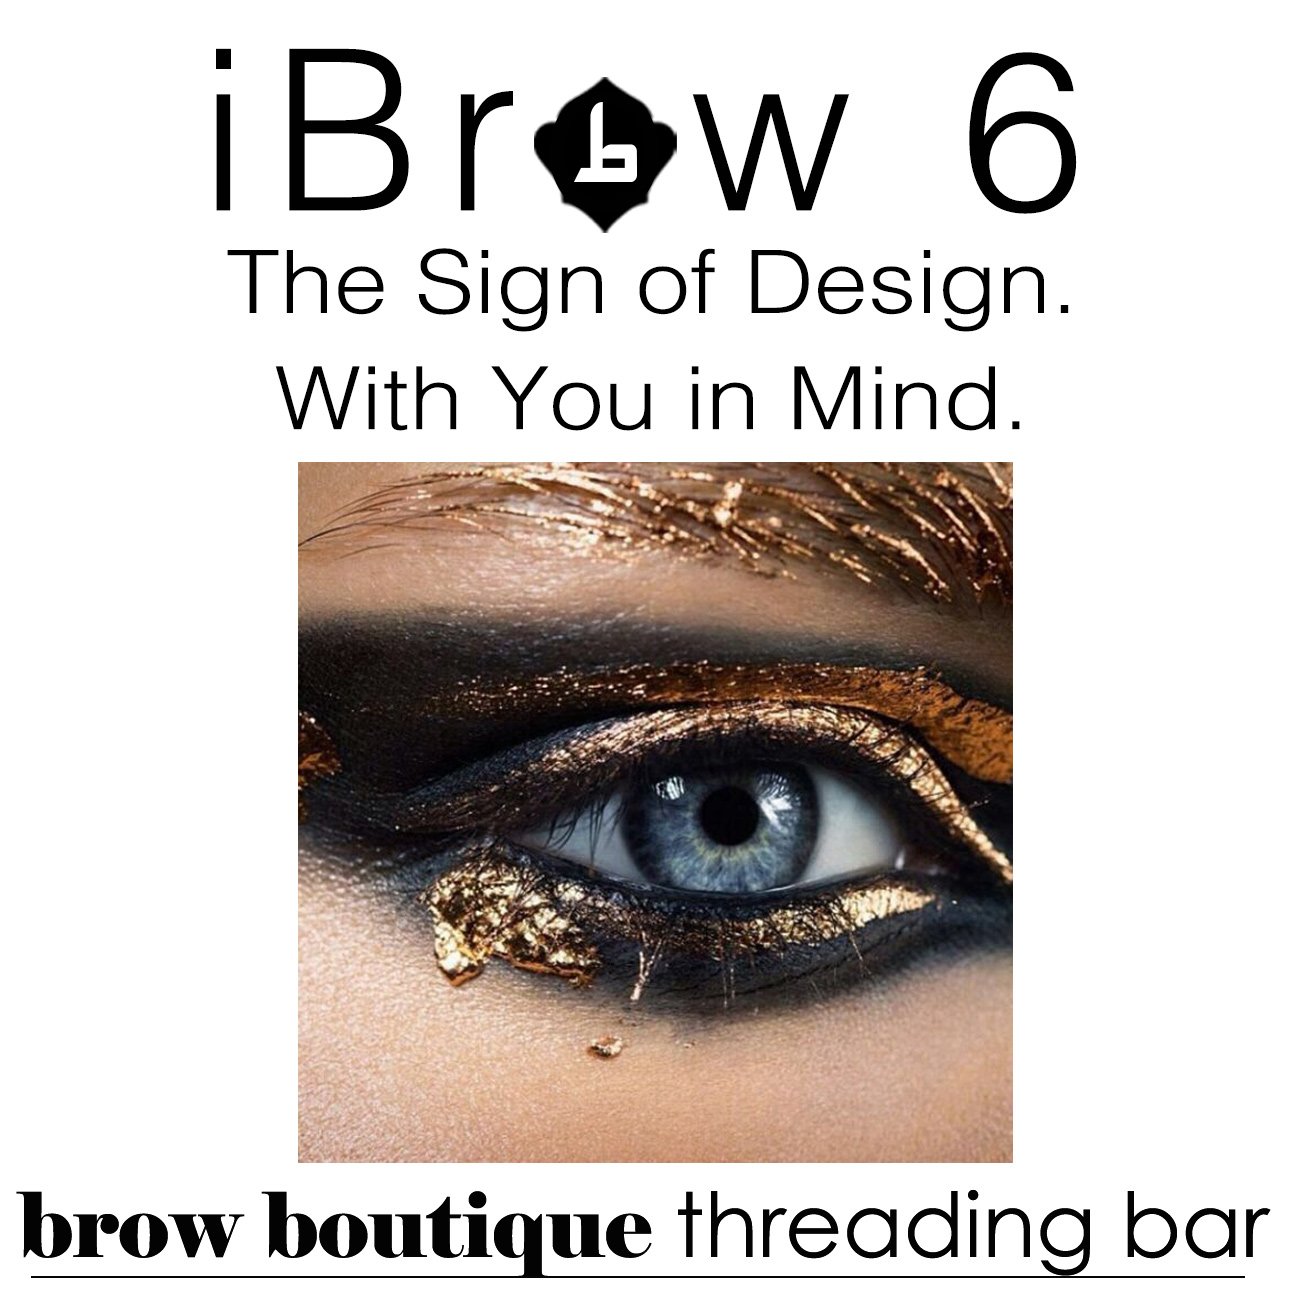 iBrow 6 brow boutique threading bar